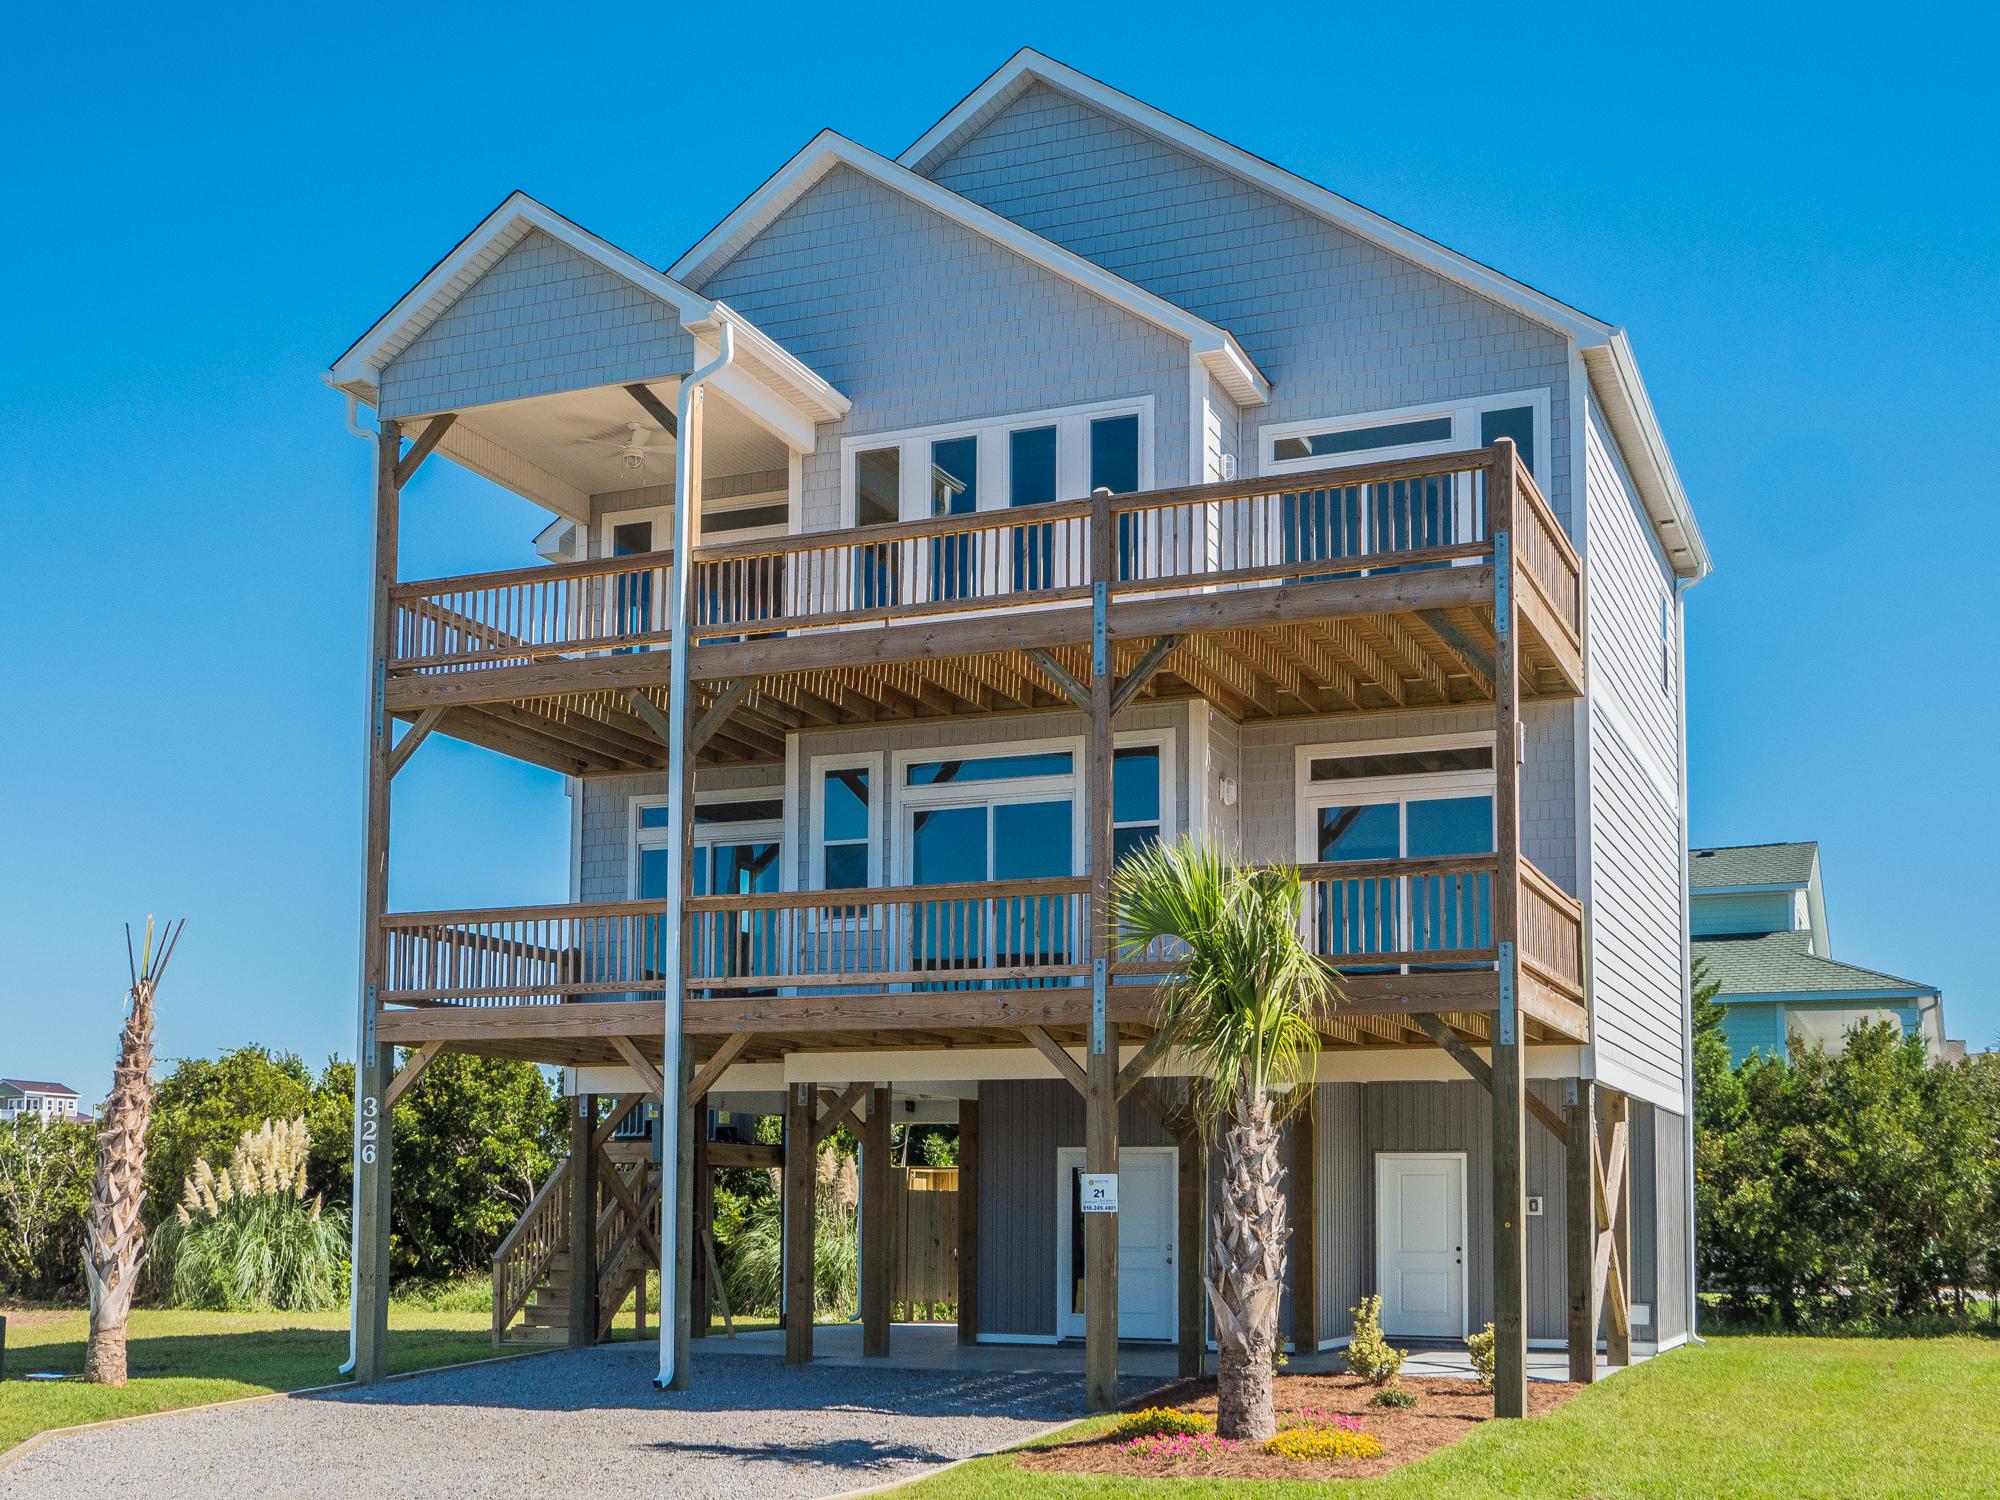 Moradia para Venda às Newly Built Waterfront Home Lot 6 Oceanaire Lane Surf City, Carolina Do Norte, 28445 Estados Unidos